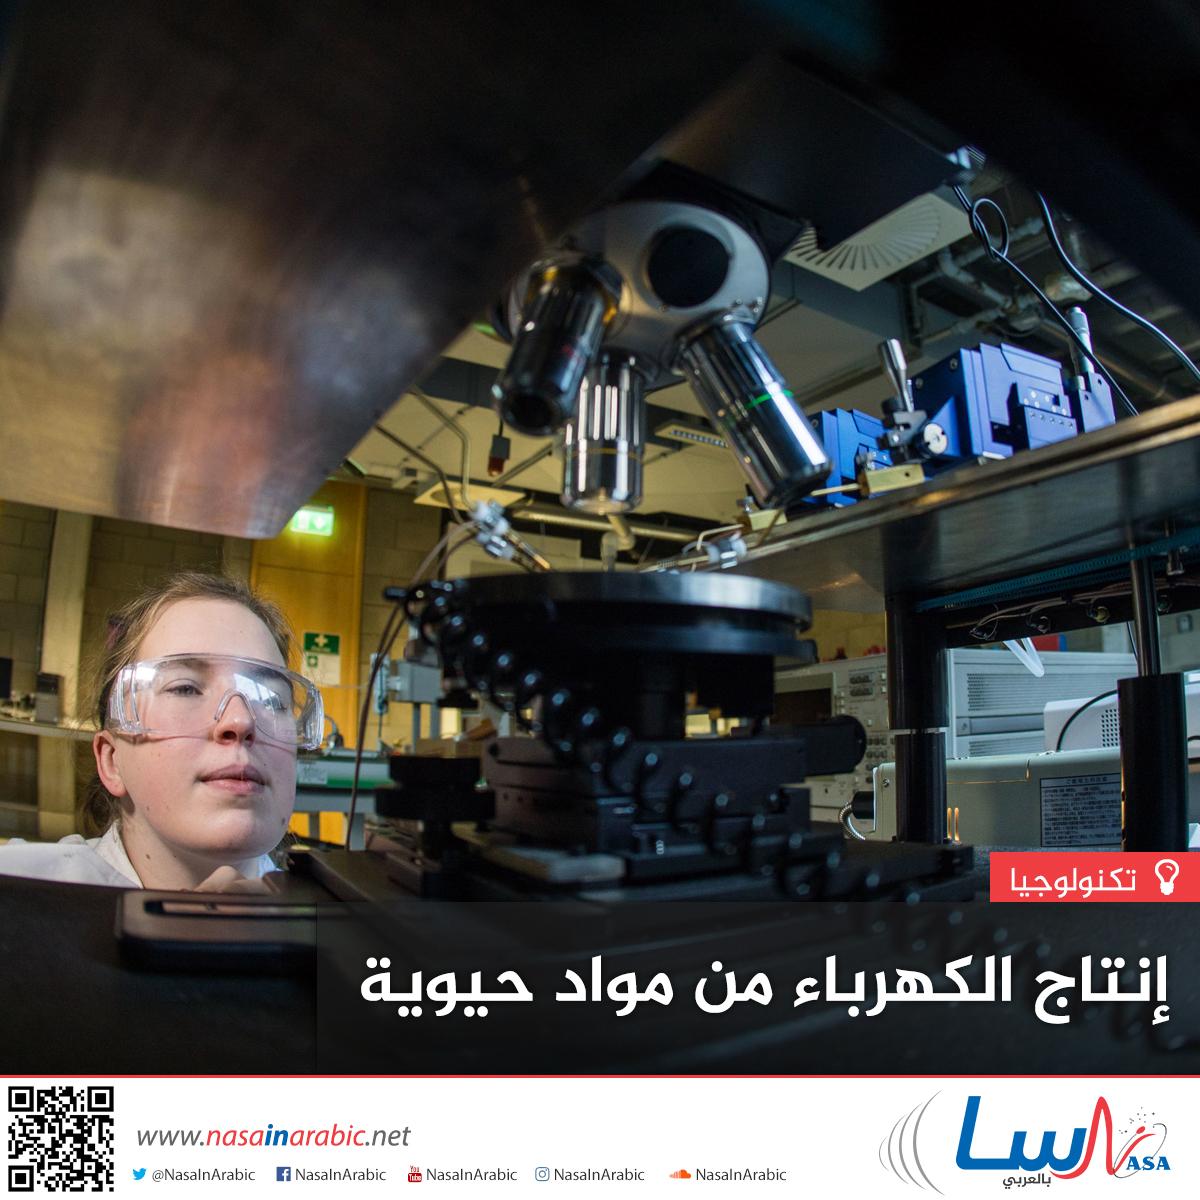 إنتاج الكهرباء من مواد حيوية